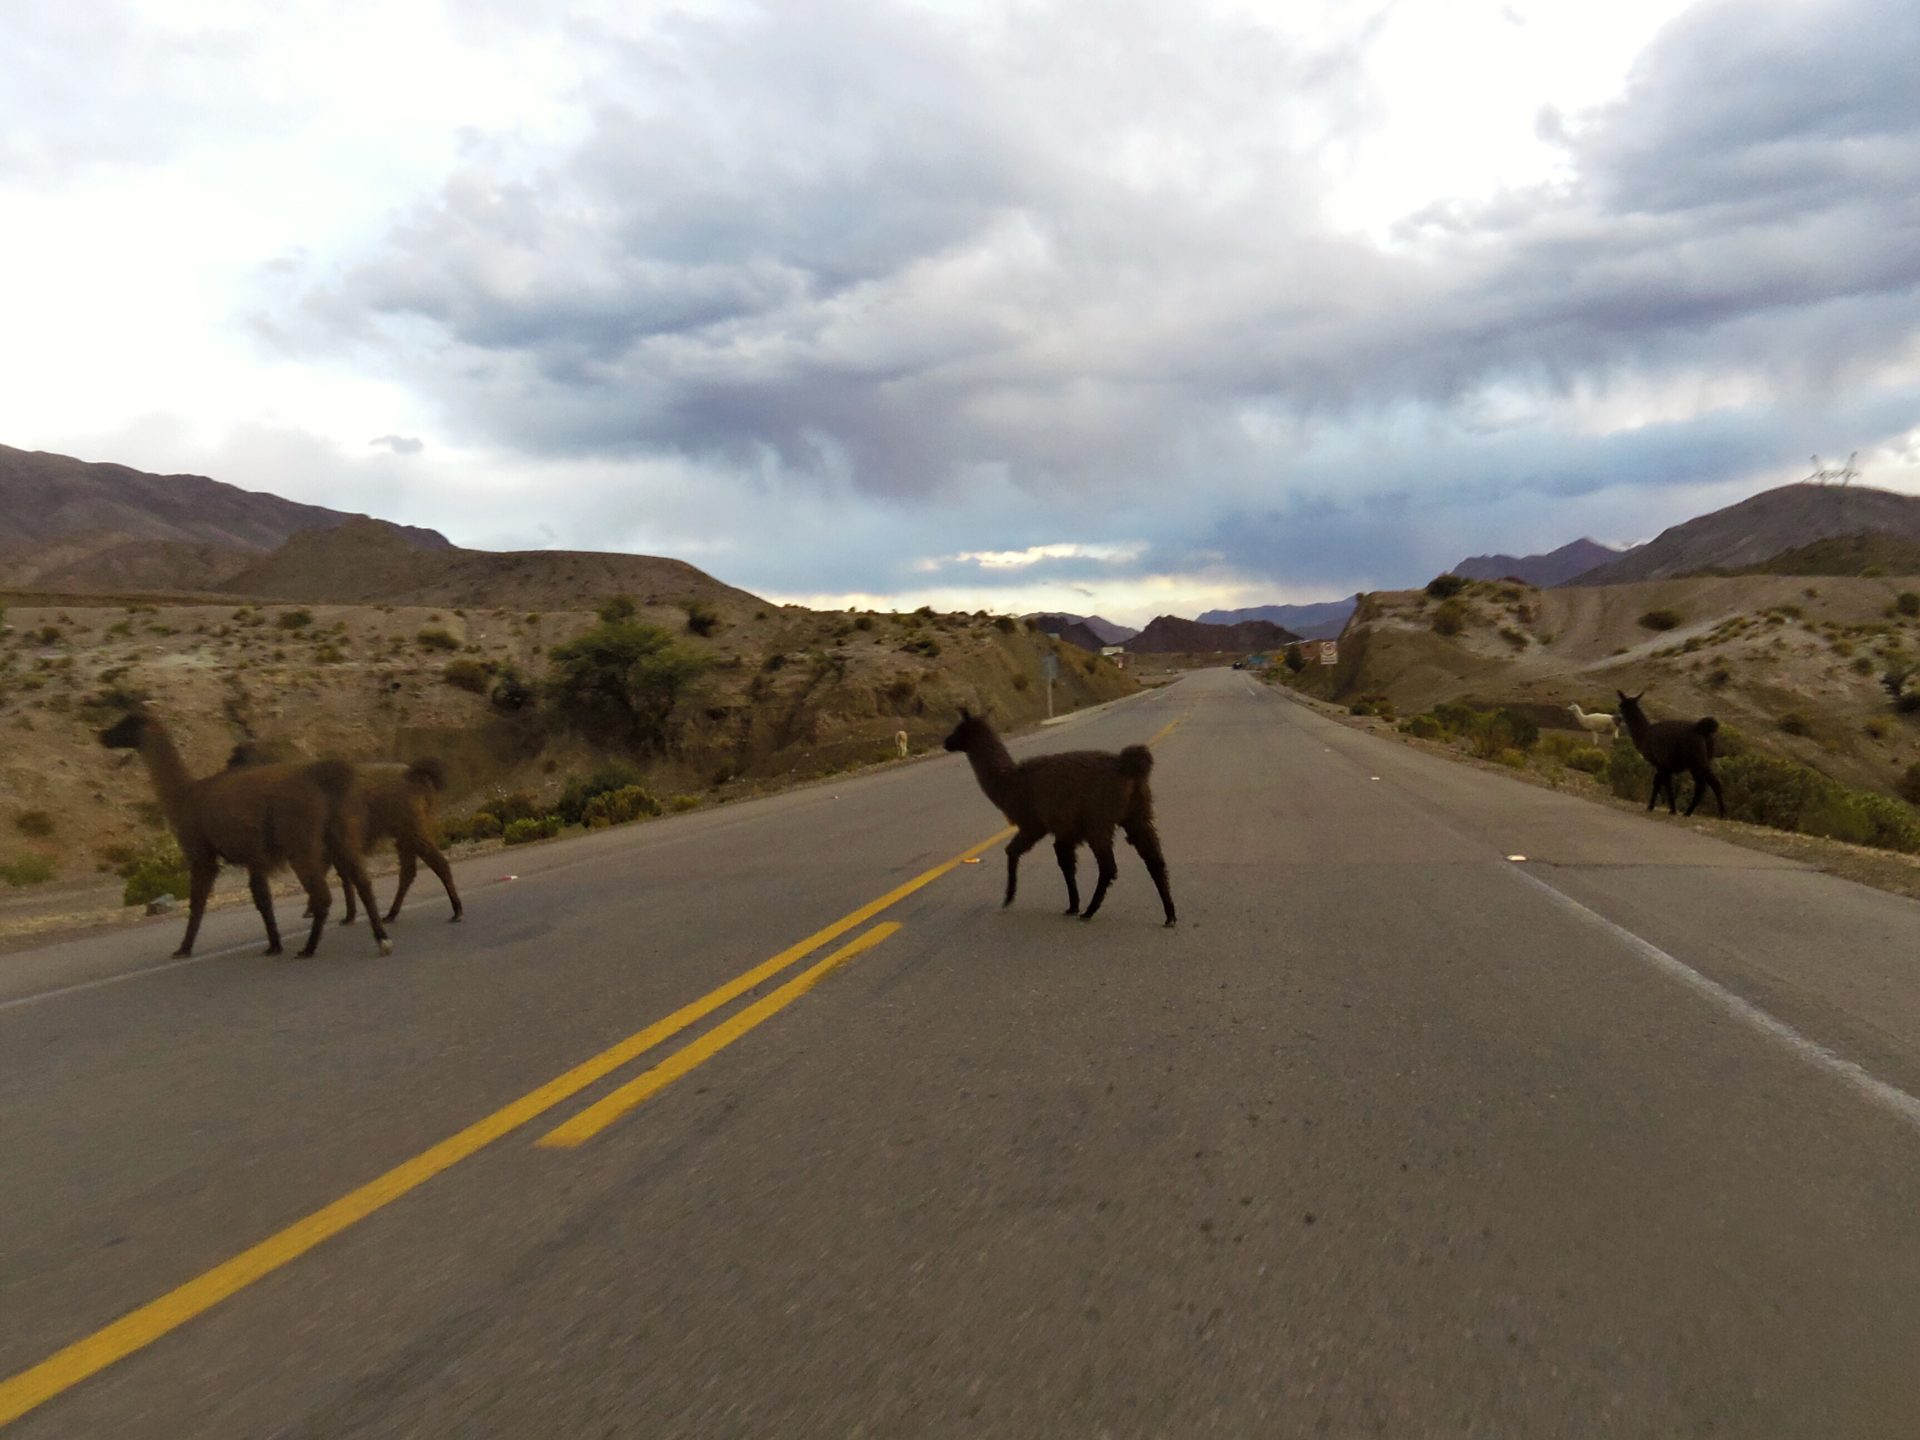 Tiere auf der Fahrbahn